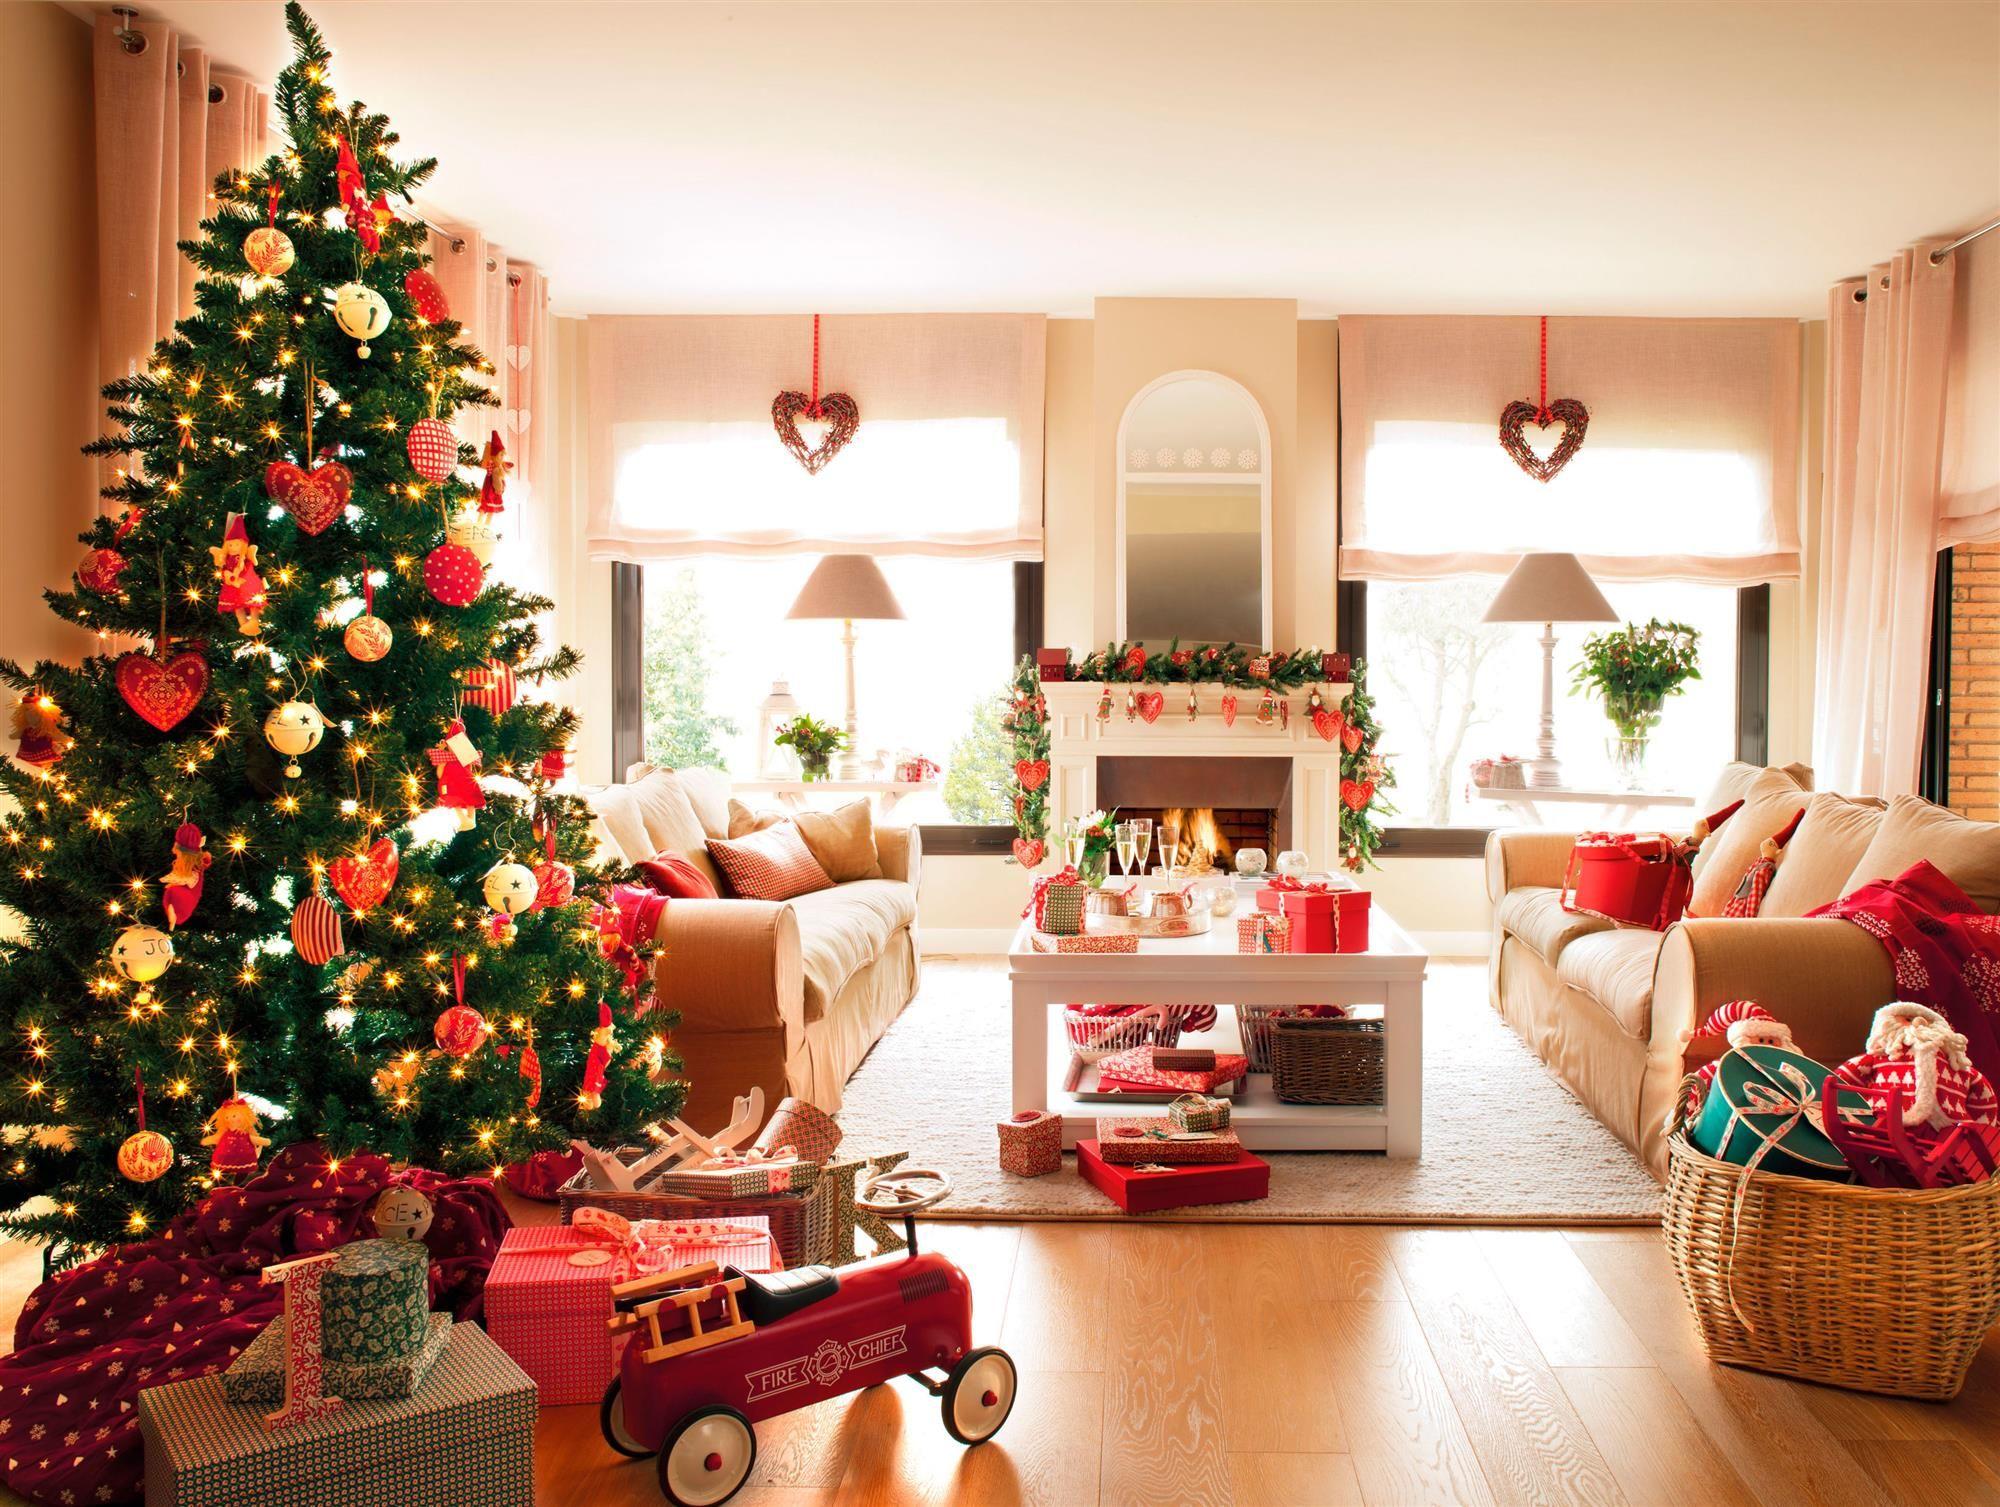 Salón decorado por Navidad_00328428 | Para navidad, Salón y Navidad